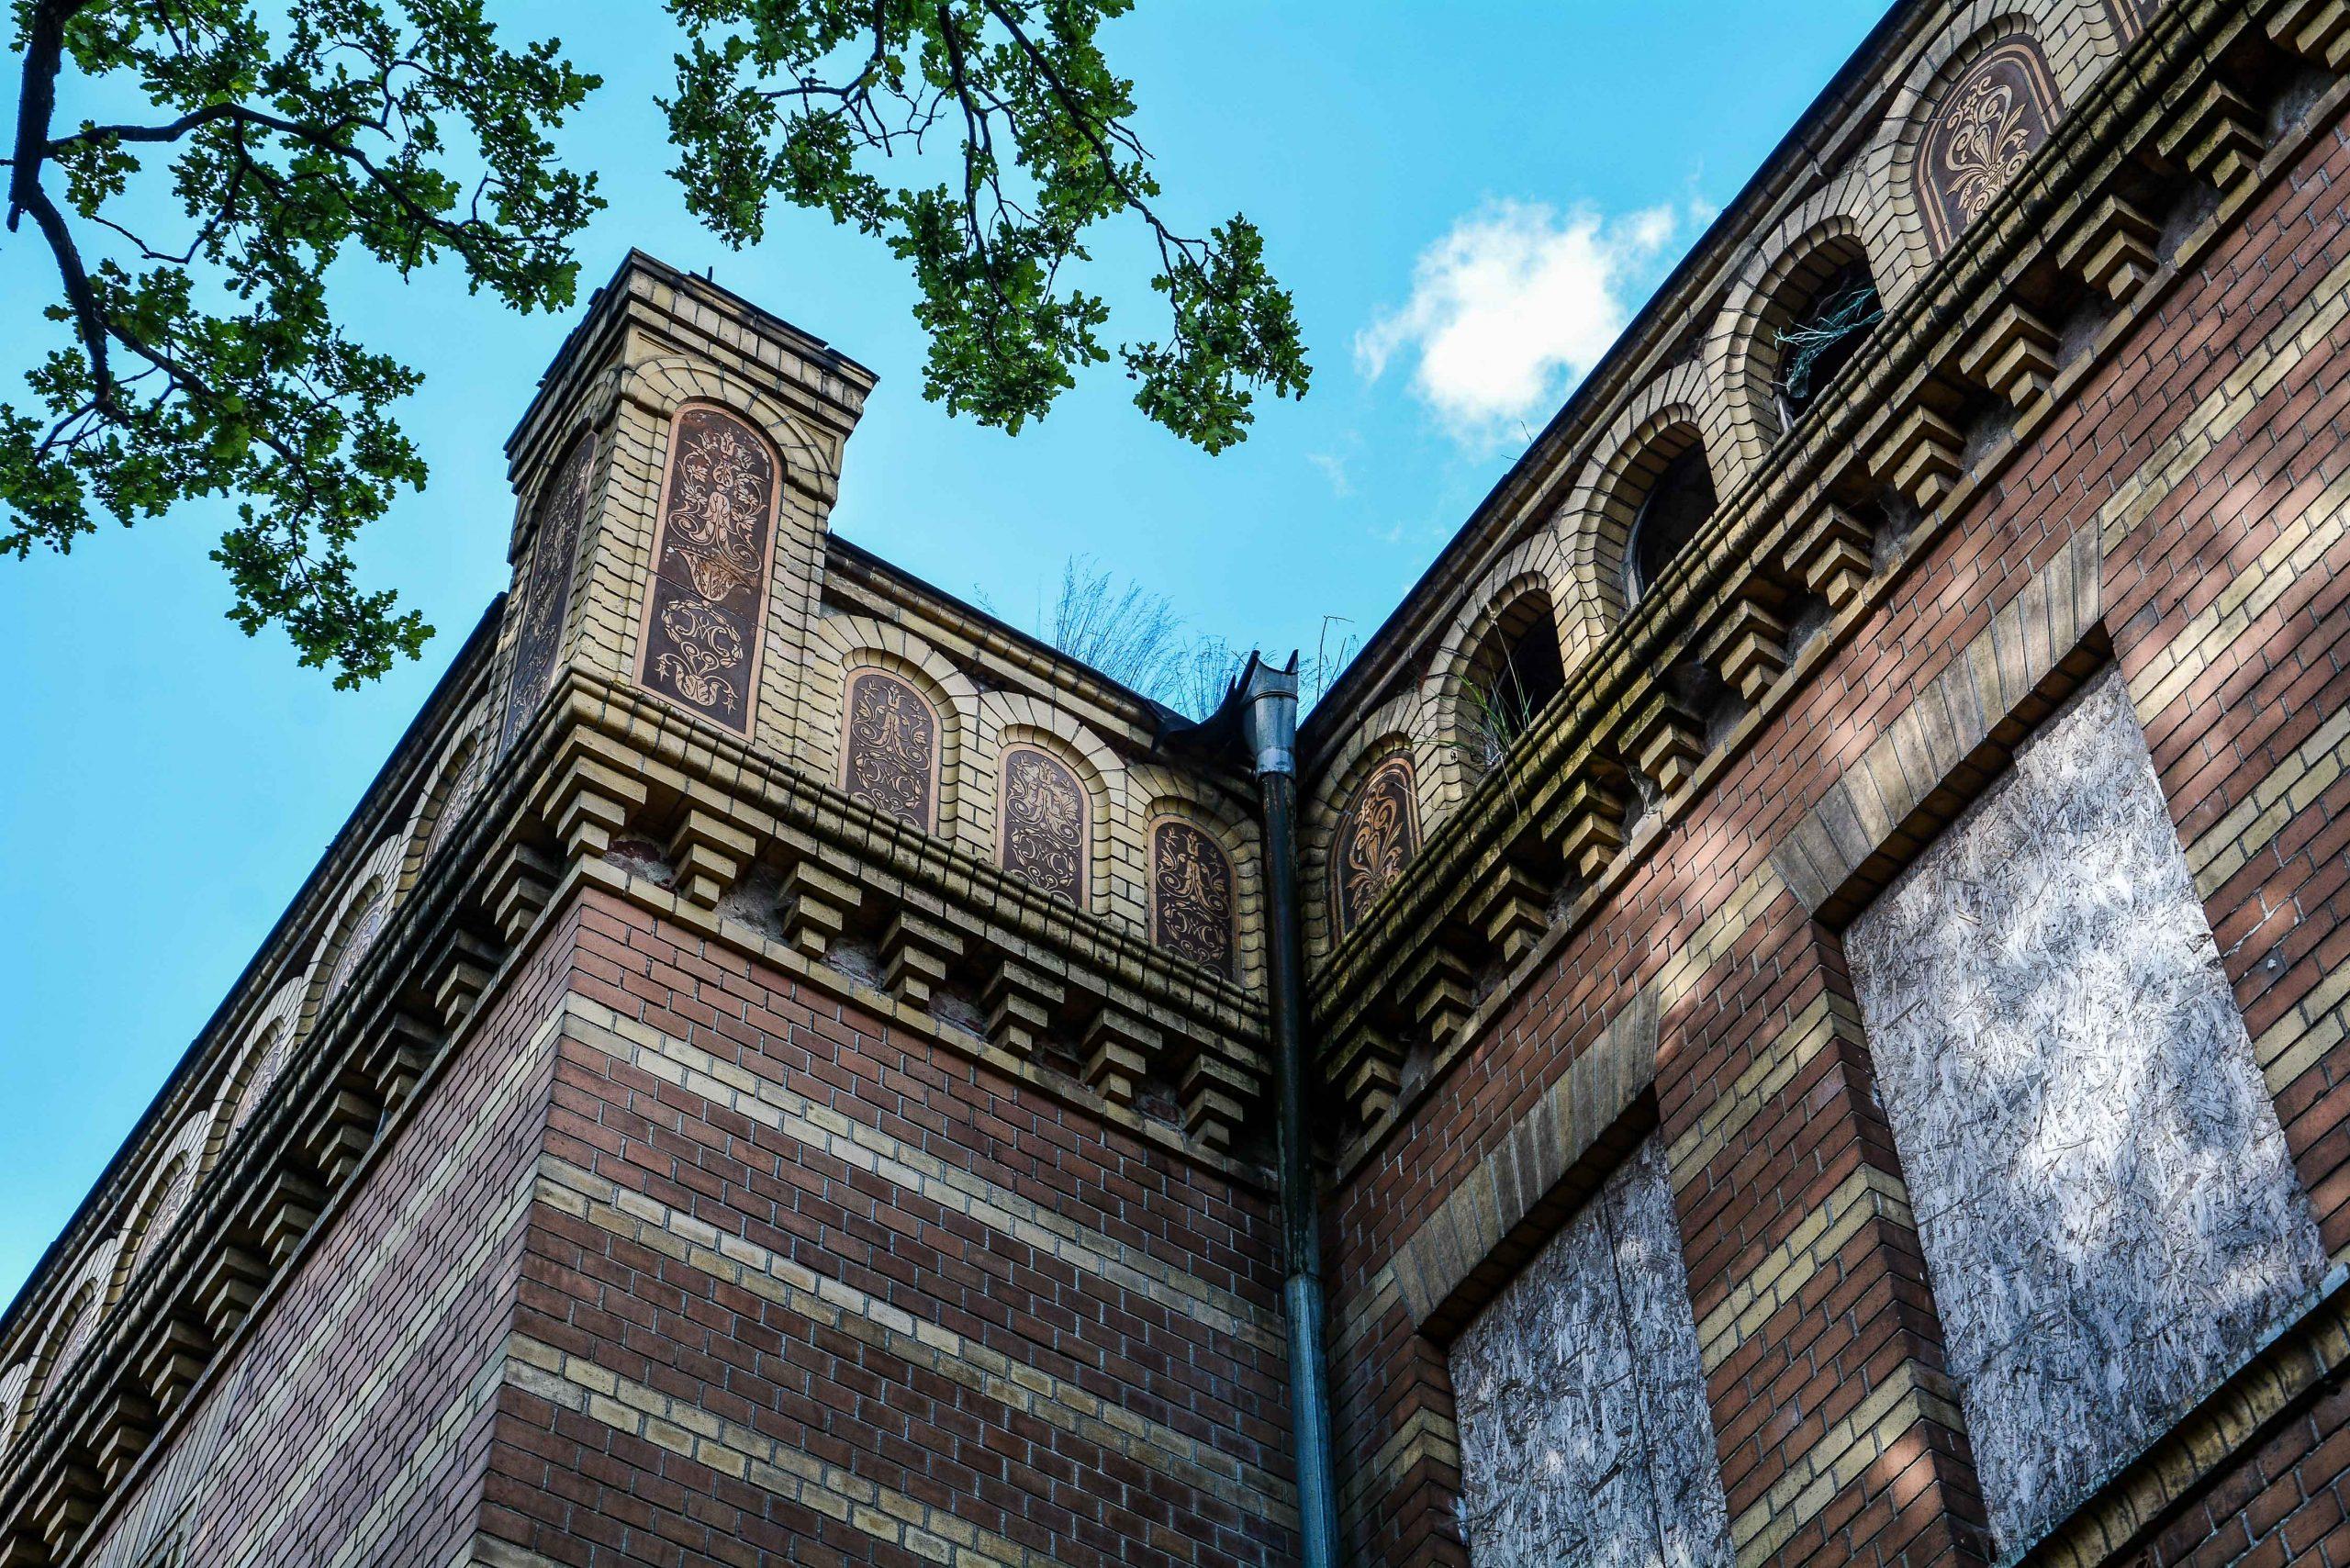 giebel dach muster architektur historischer orientalismus herrenhaus gentzrode lost places brandenburg neuruppin gut gentzrode ost deutschland urbex abandoned